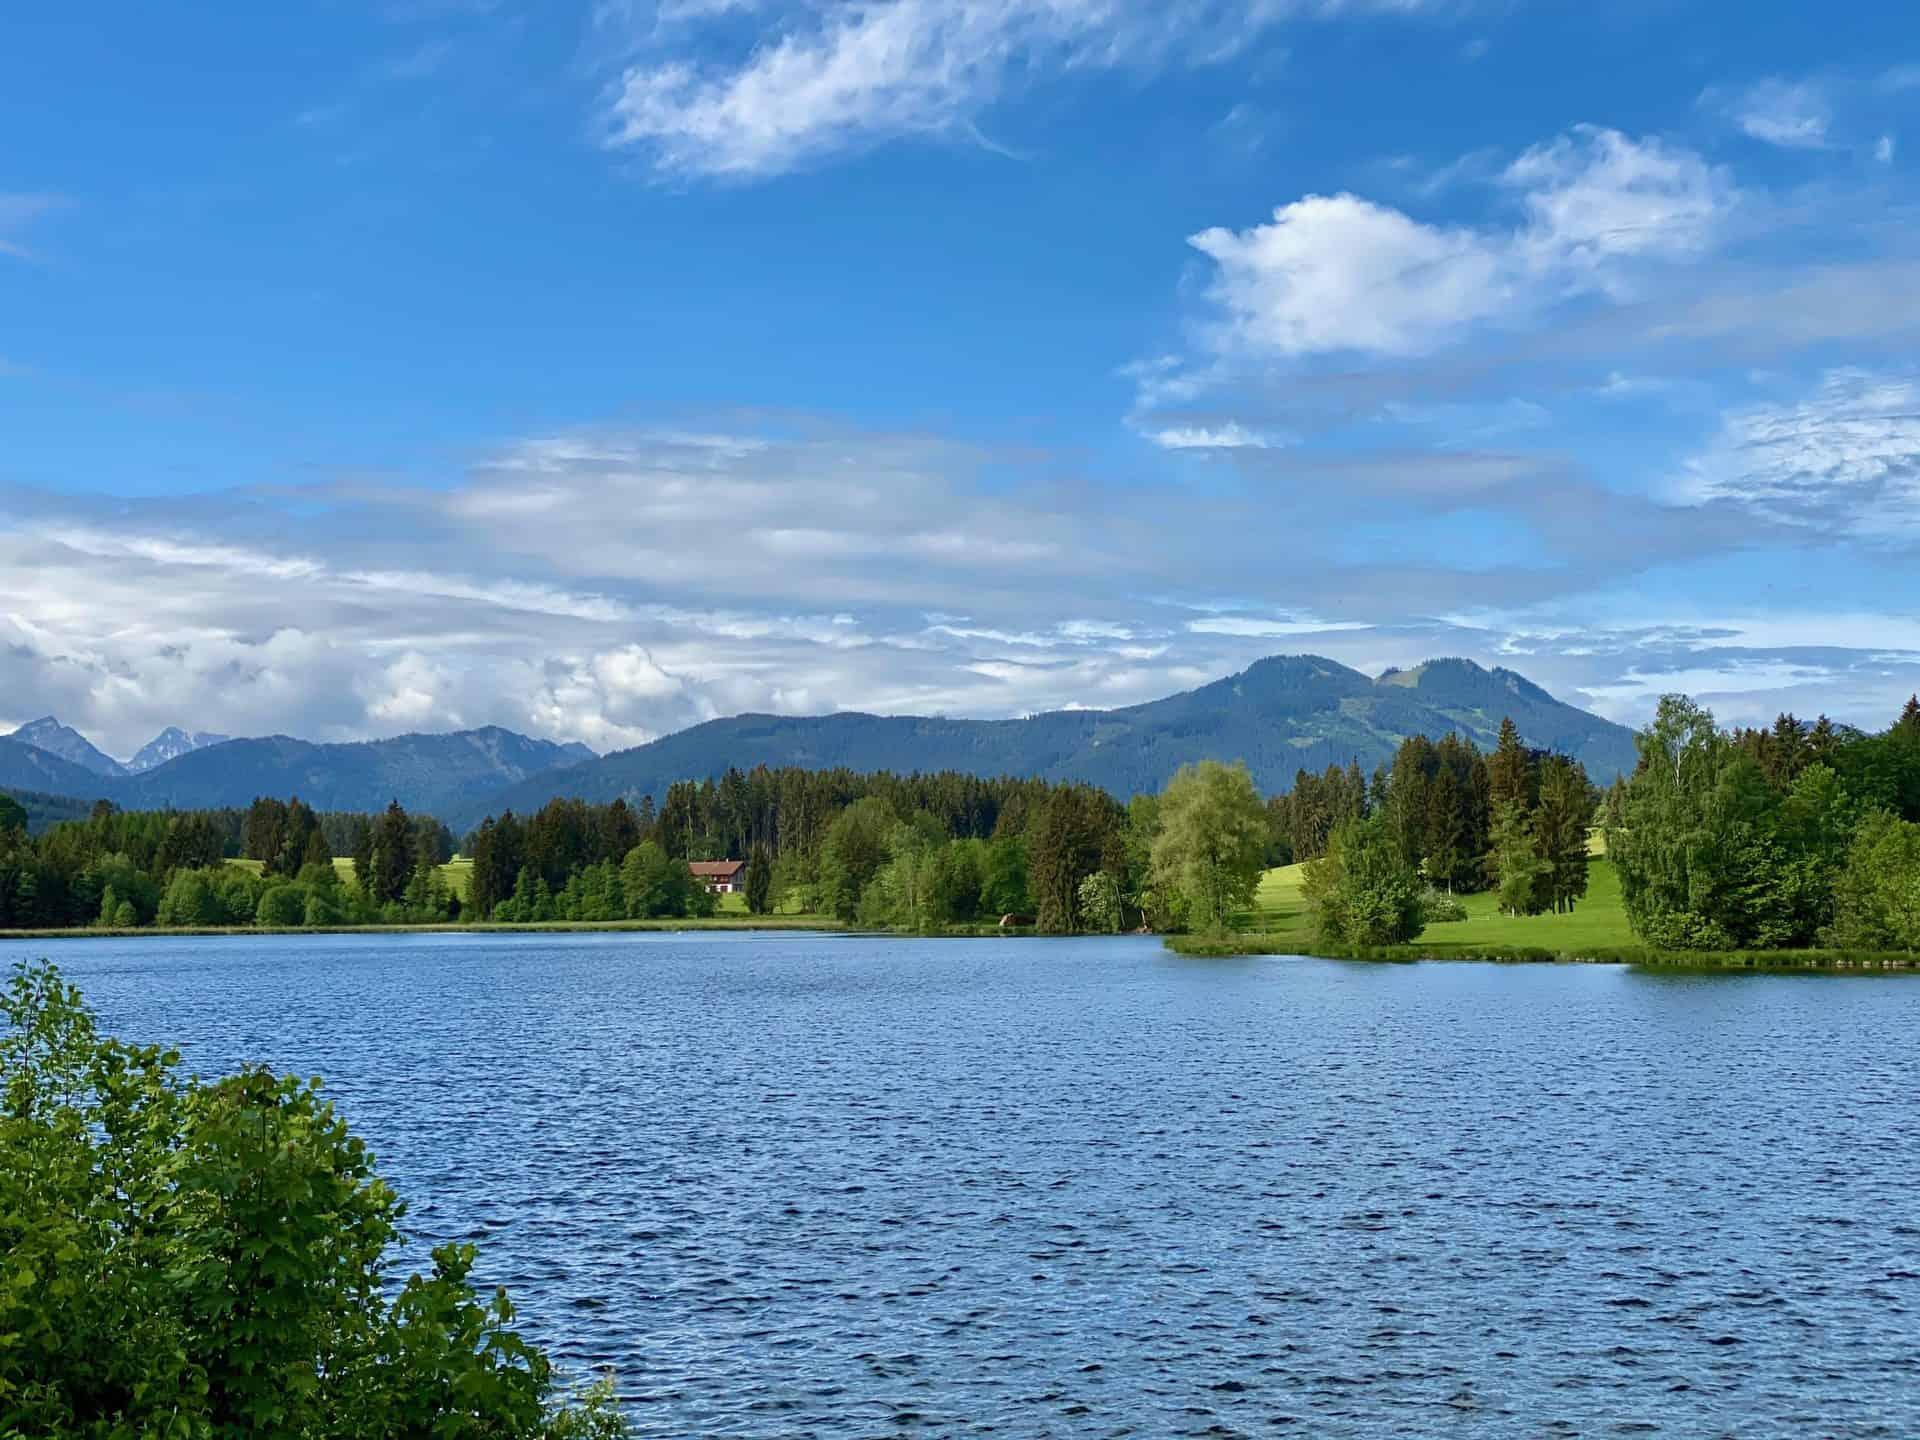 Schwaltenweiher_Blick_auf_die_Berge